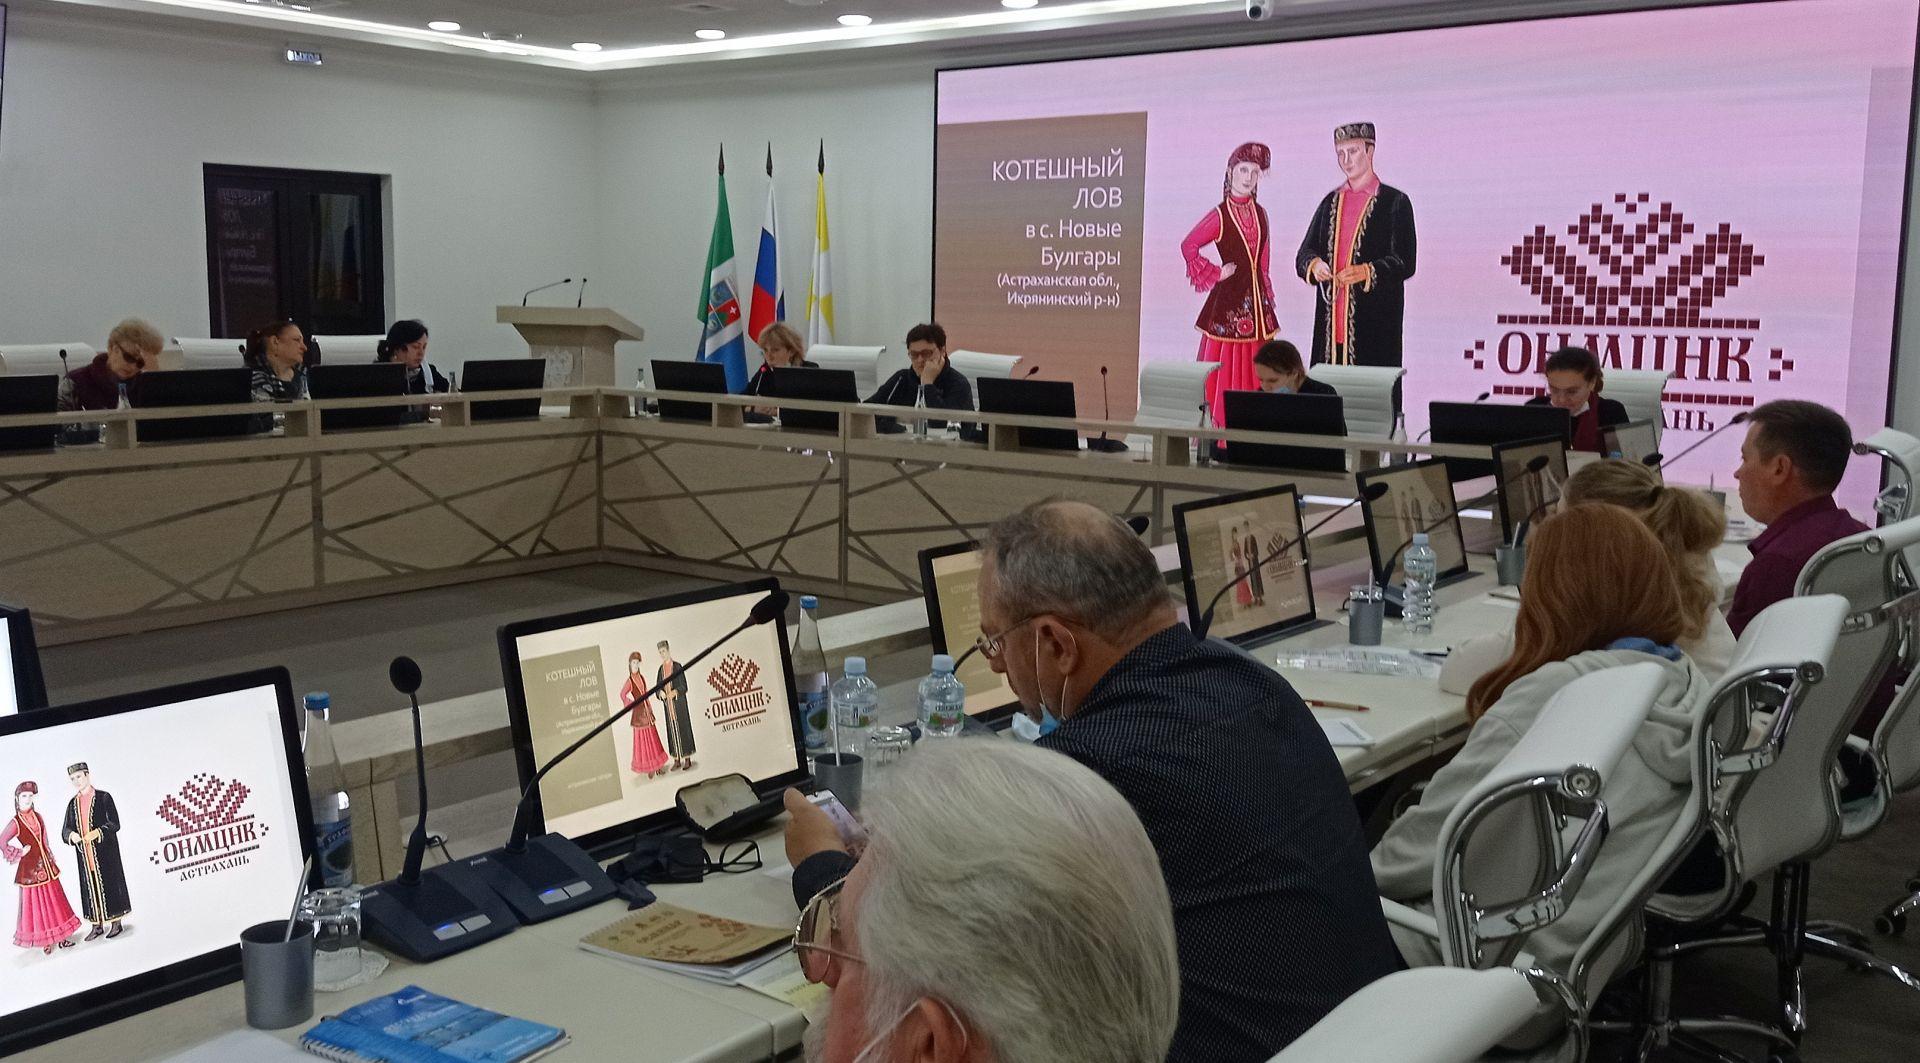 Специалист Центра народной культуры приняла участие во Всероссийском семинаре по сохранению нематериального культурного наследия